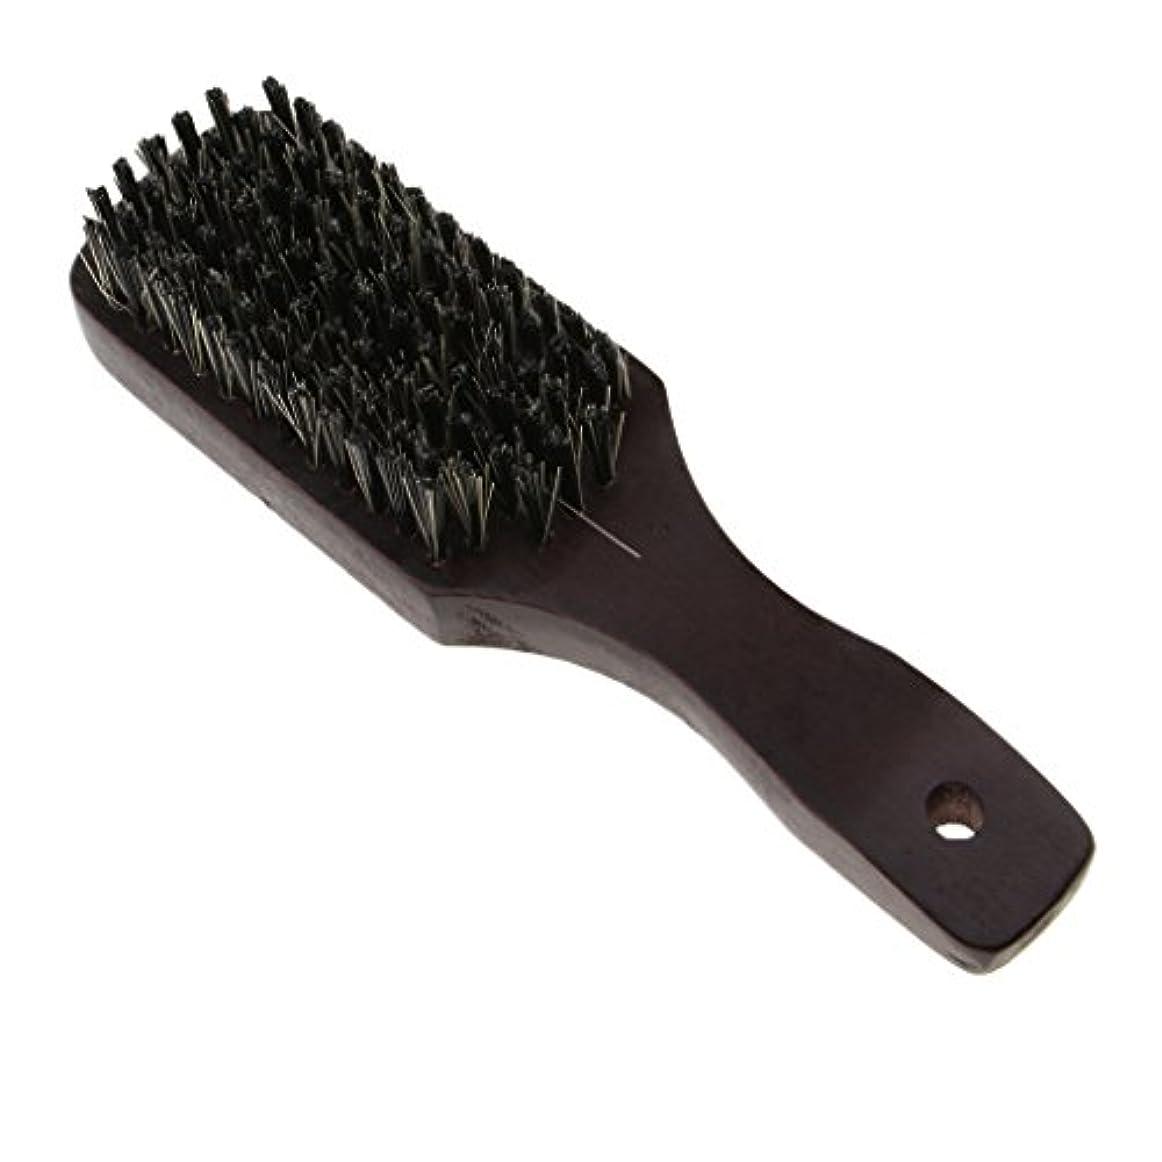 乱す急性効能ナチュラルビアブラシ 男性 剛毛ブラシ ひげ 口ひげ 木製櫛